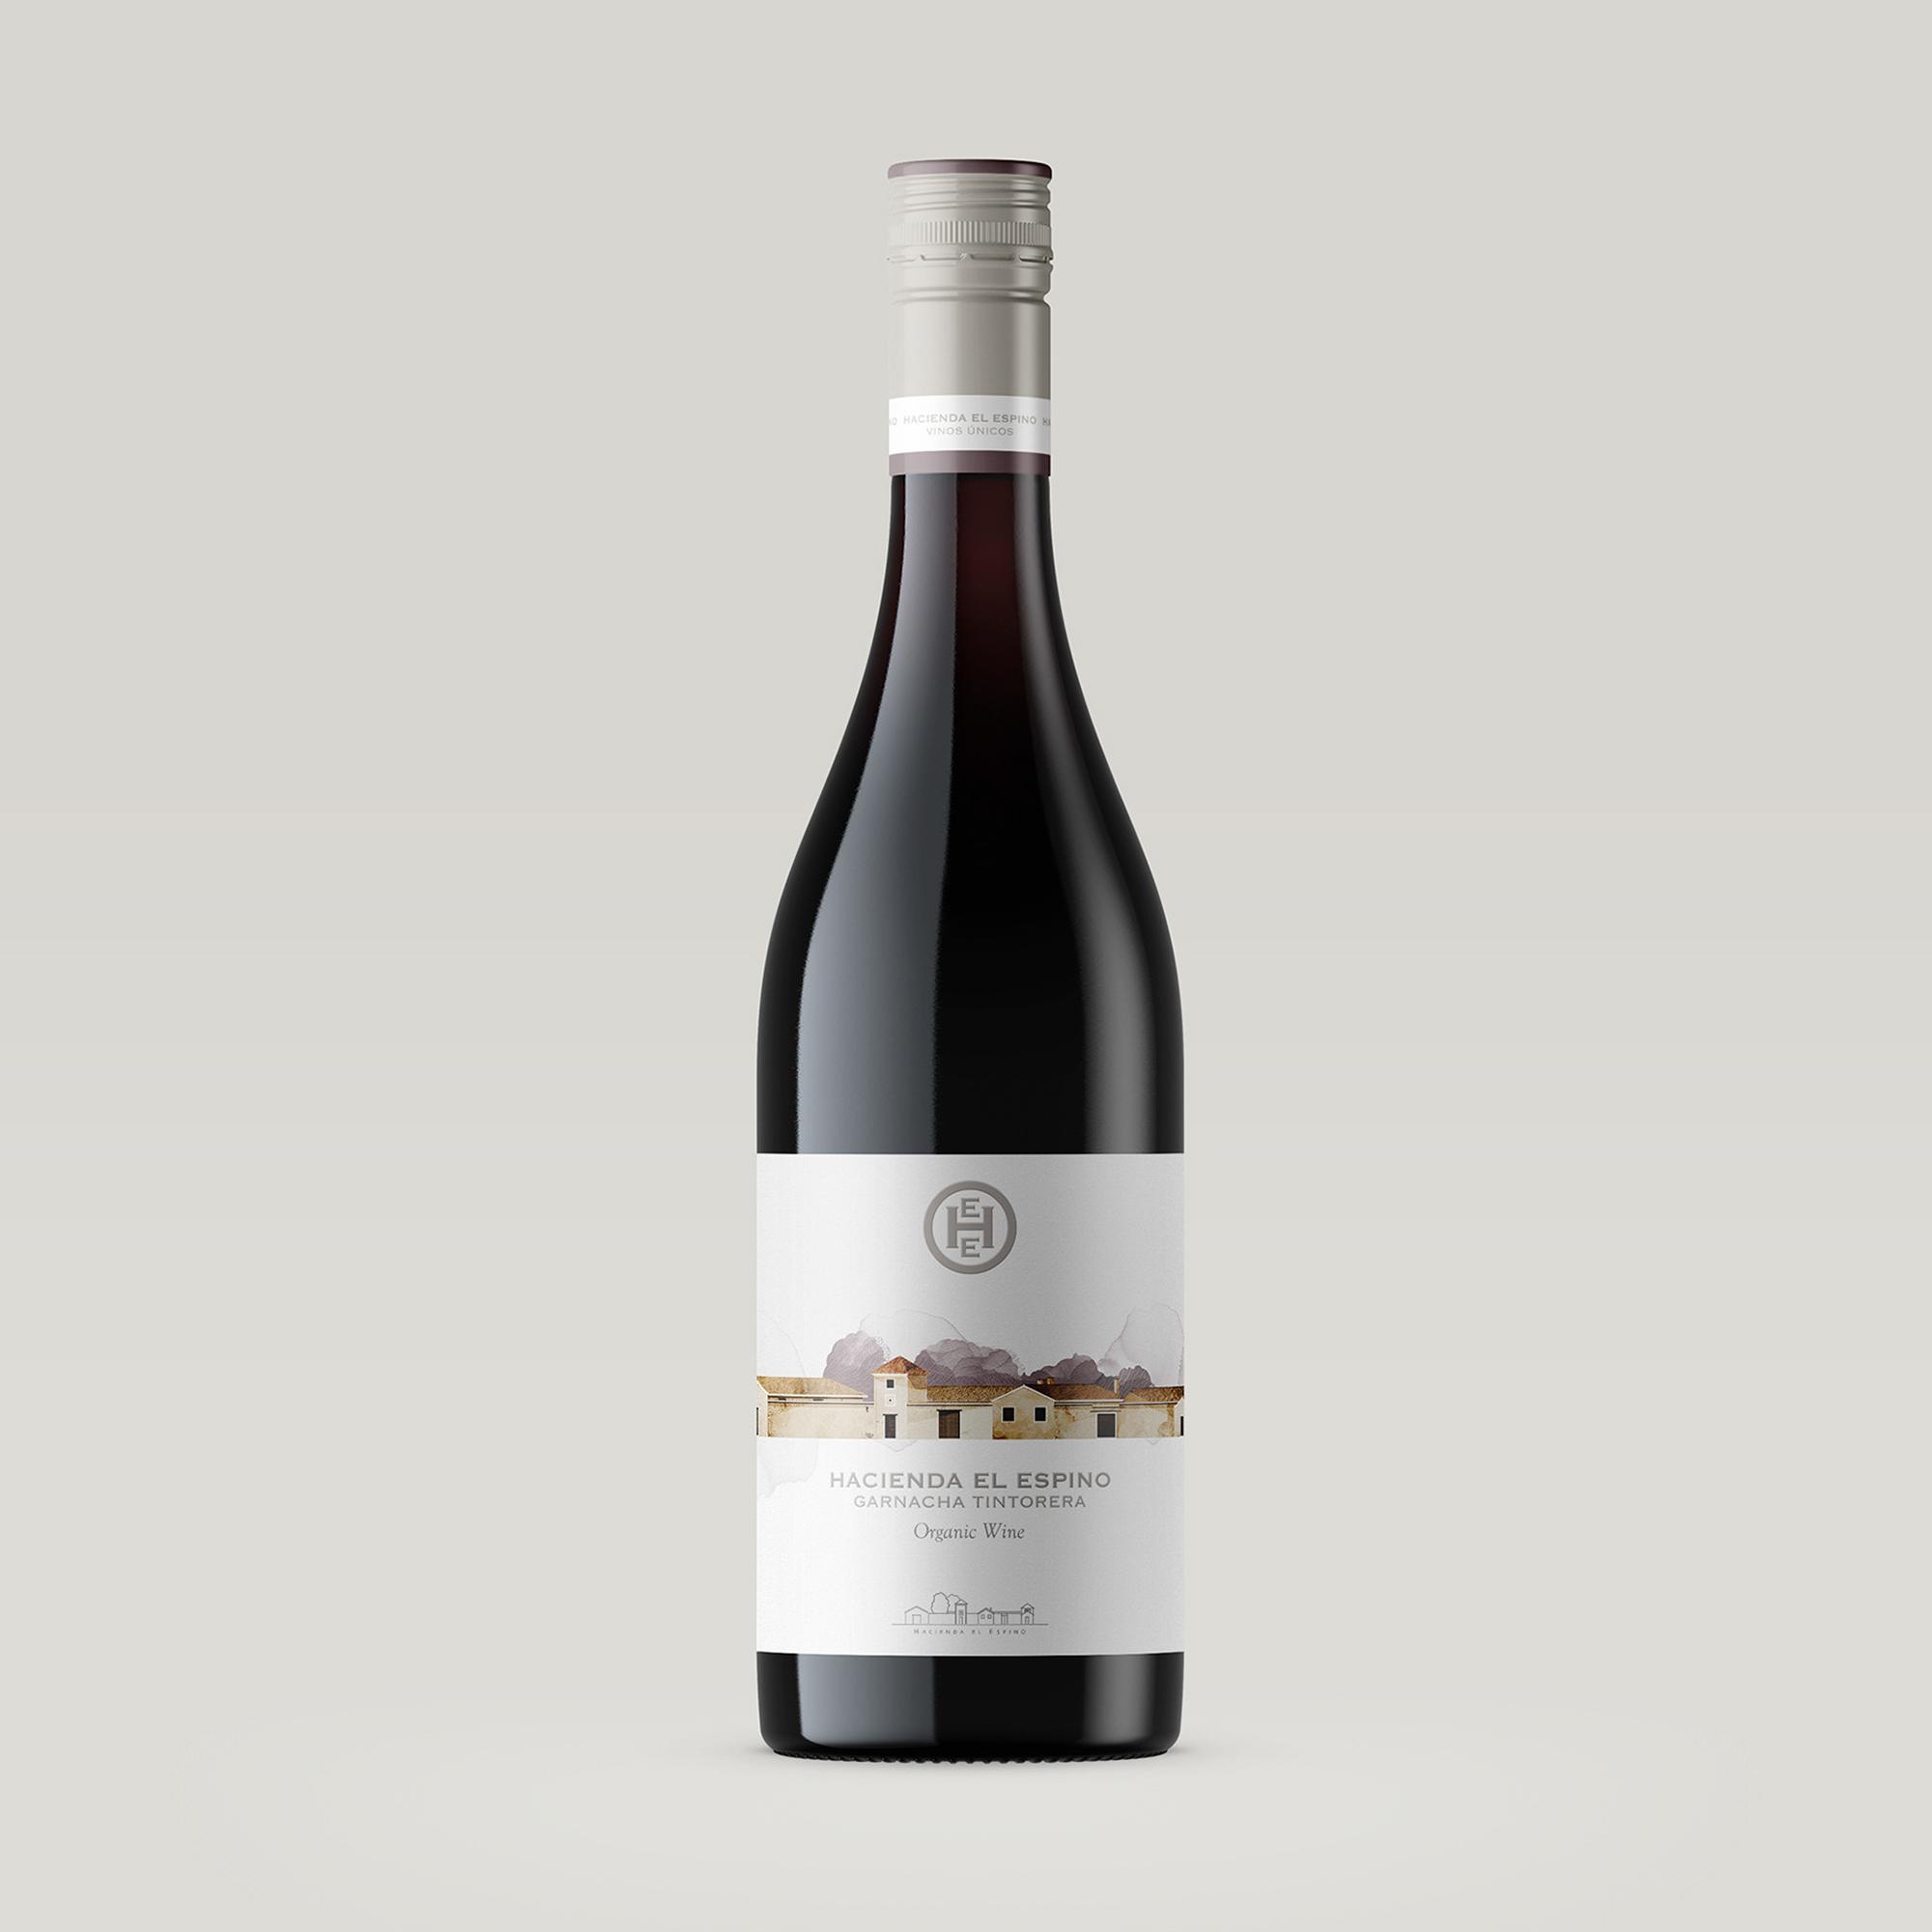 Wine label design Hacienda el espino garnacha tintorera